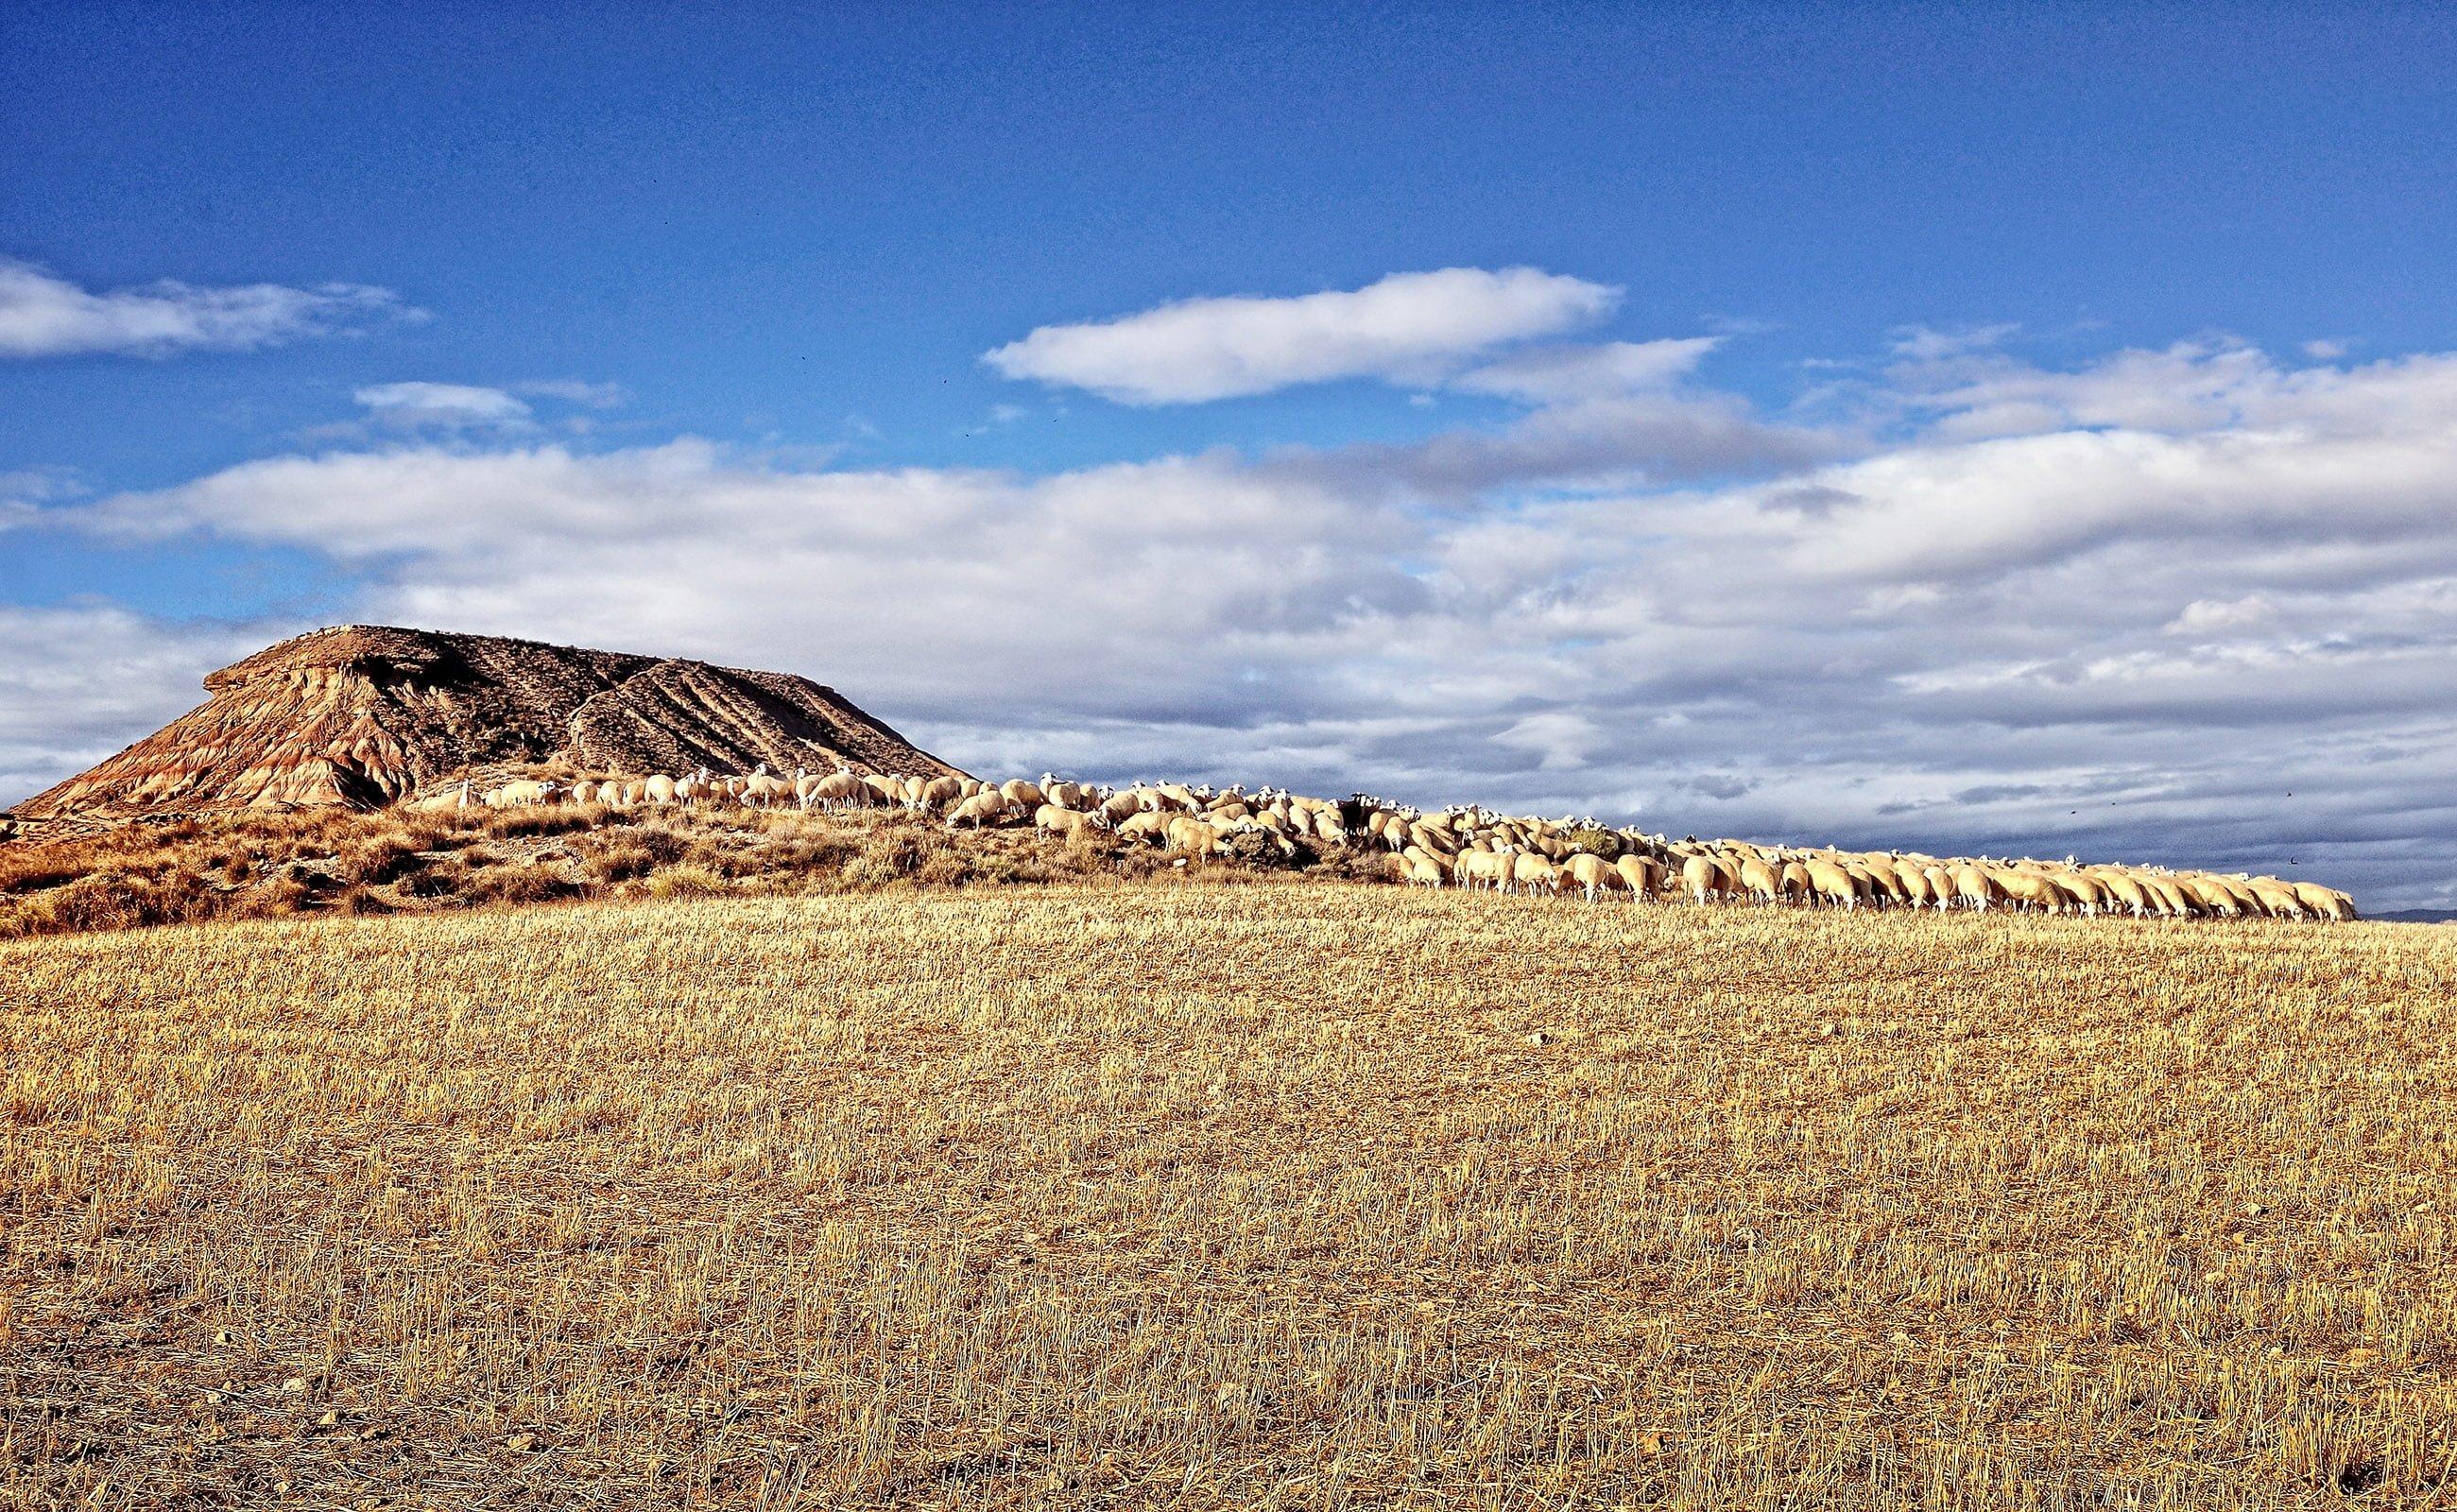 koyun sürüsü resmi